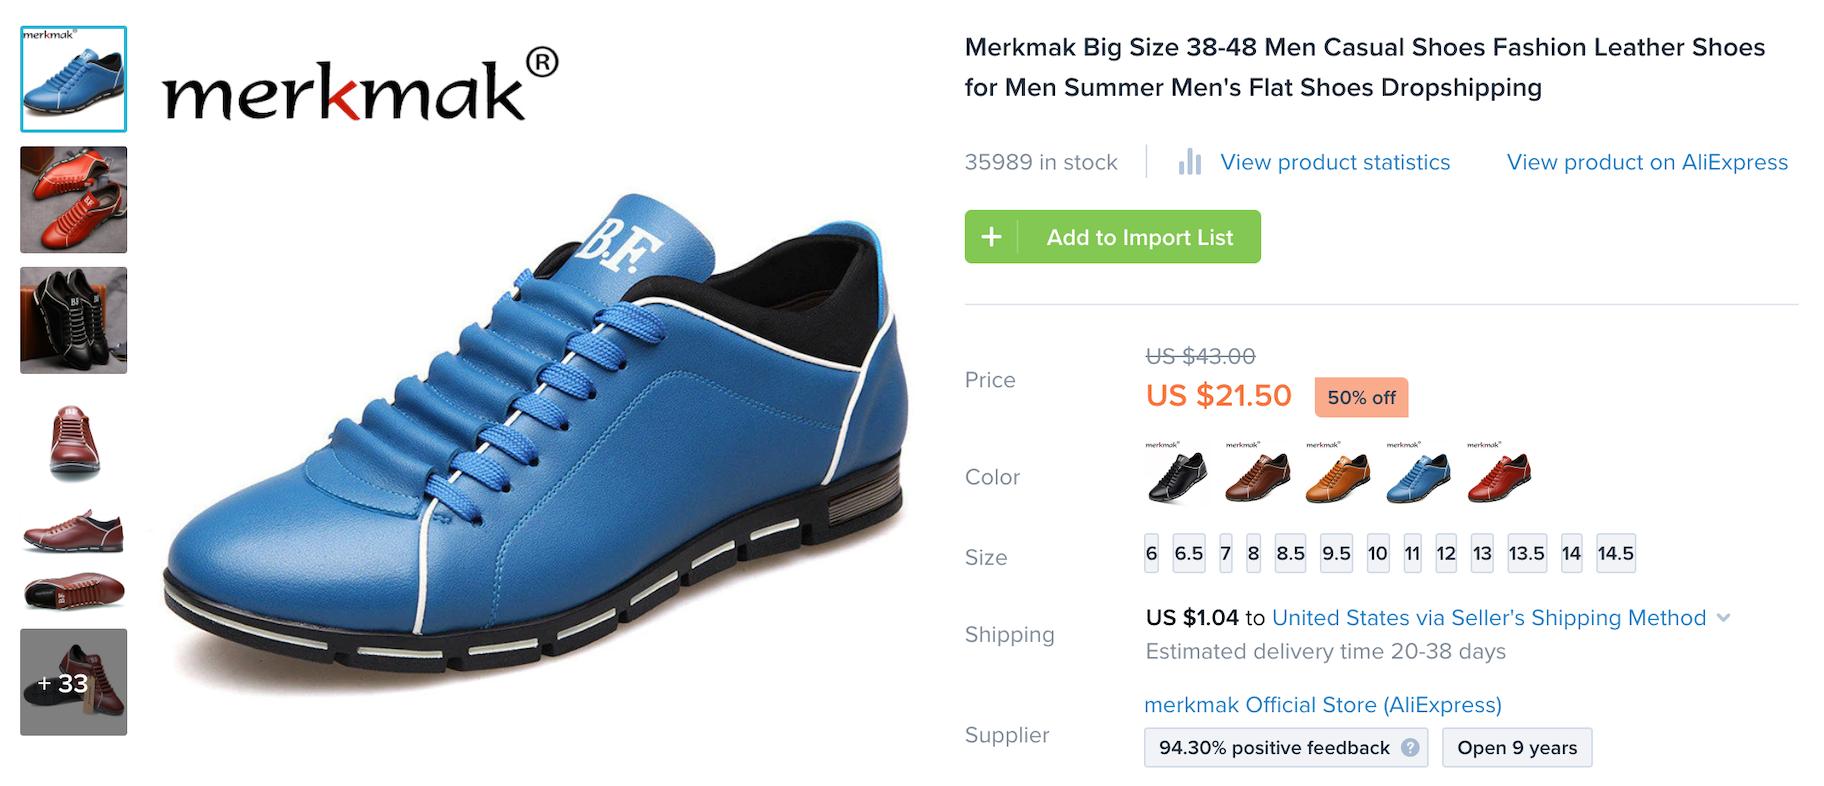 merkmak men's shoes